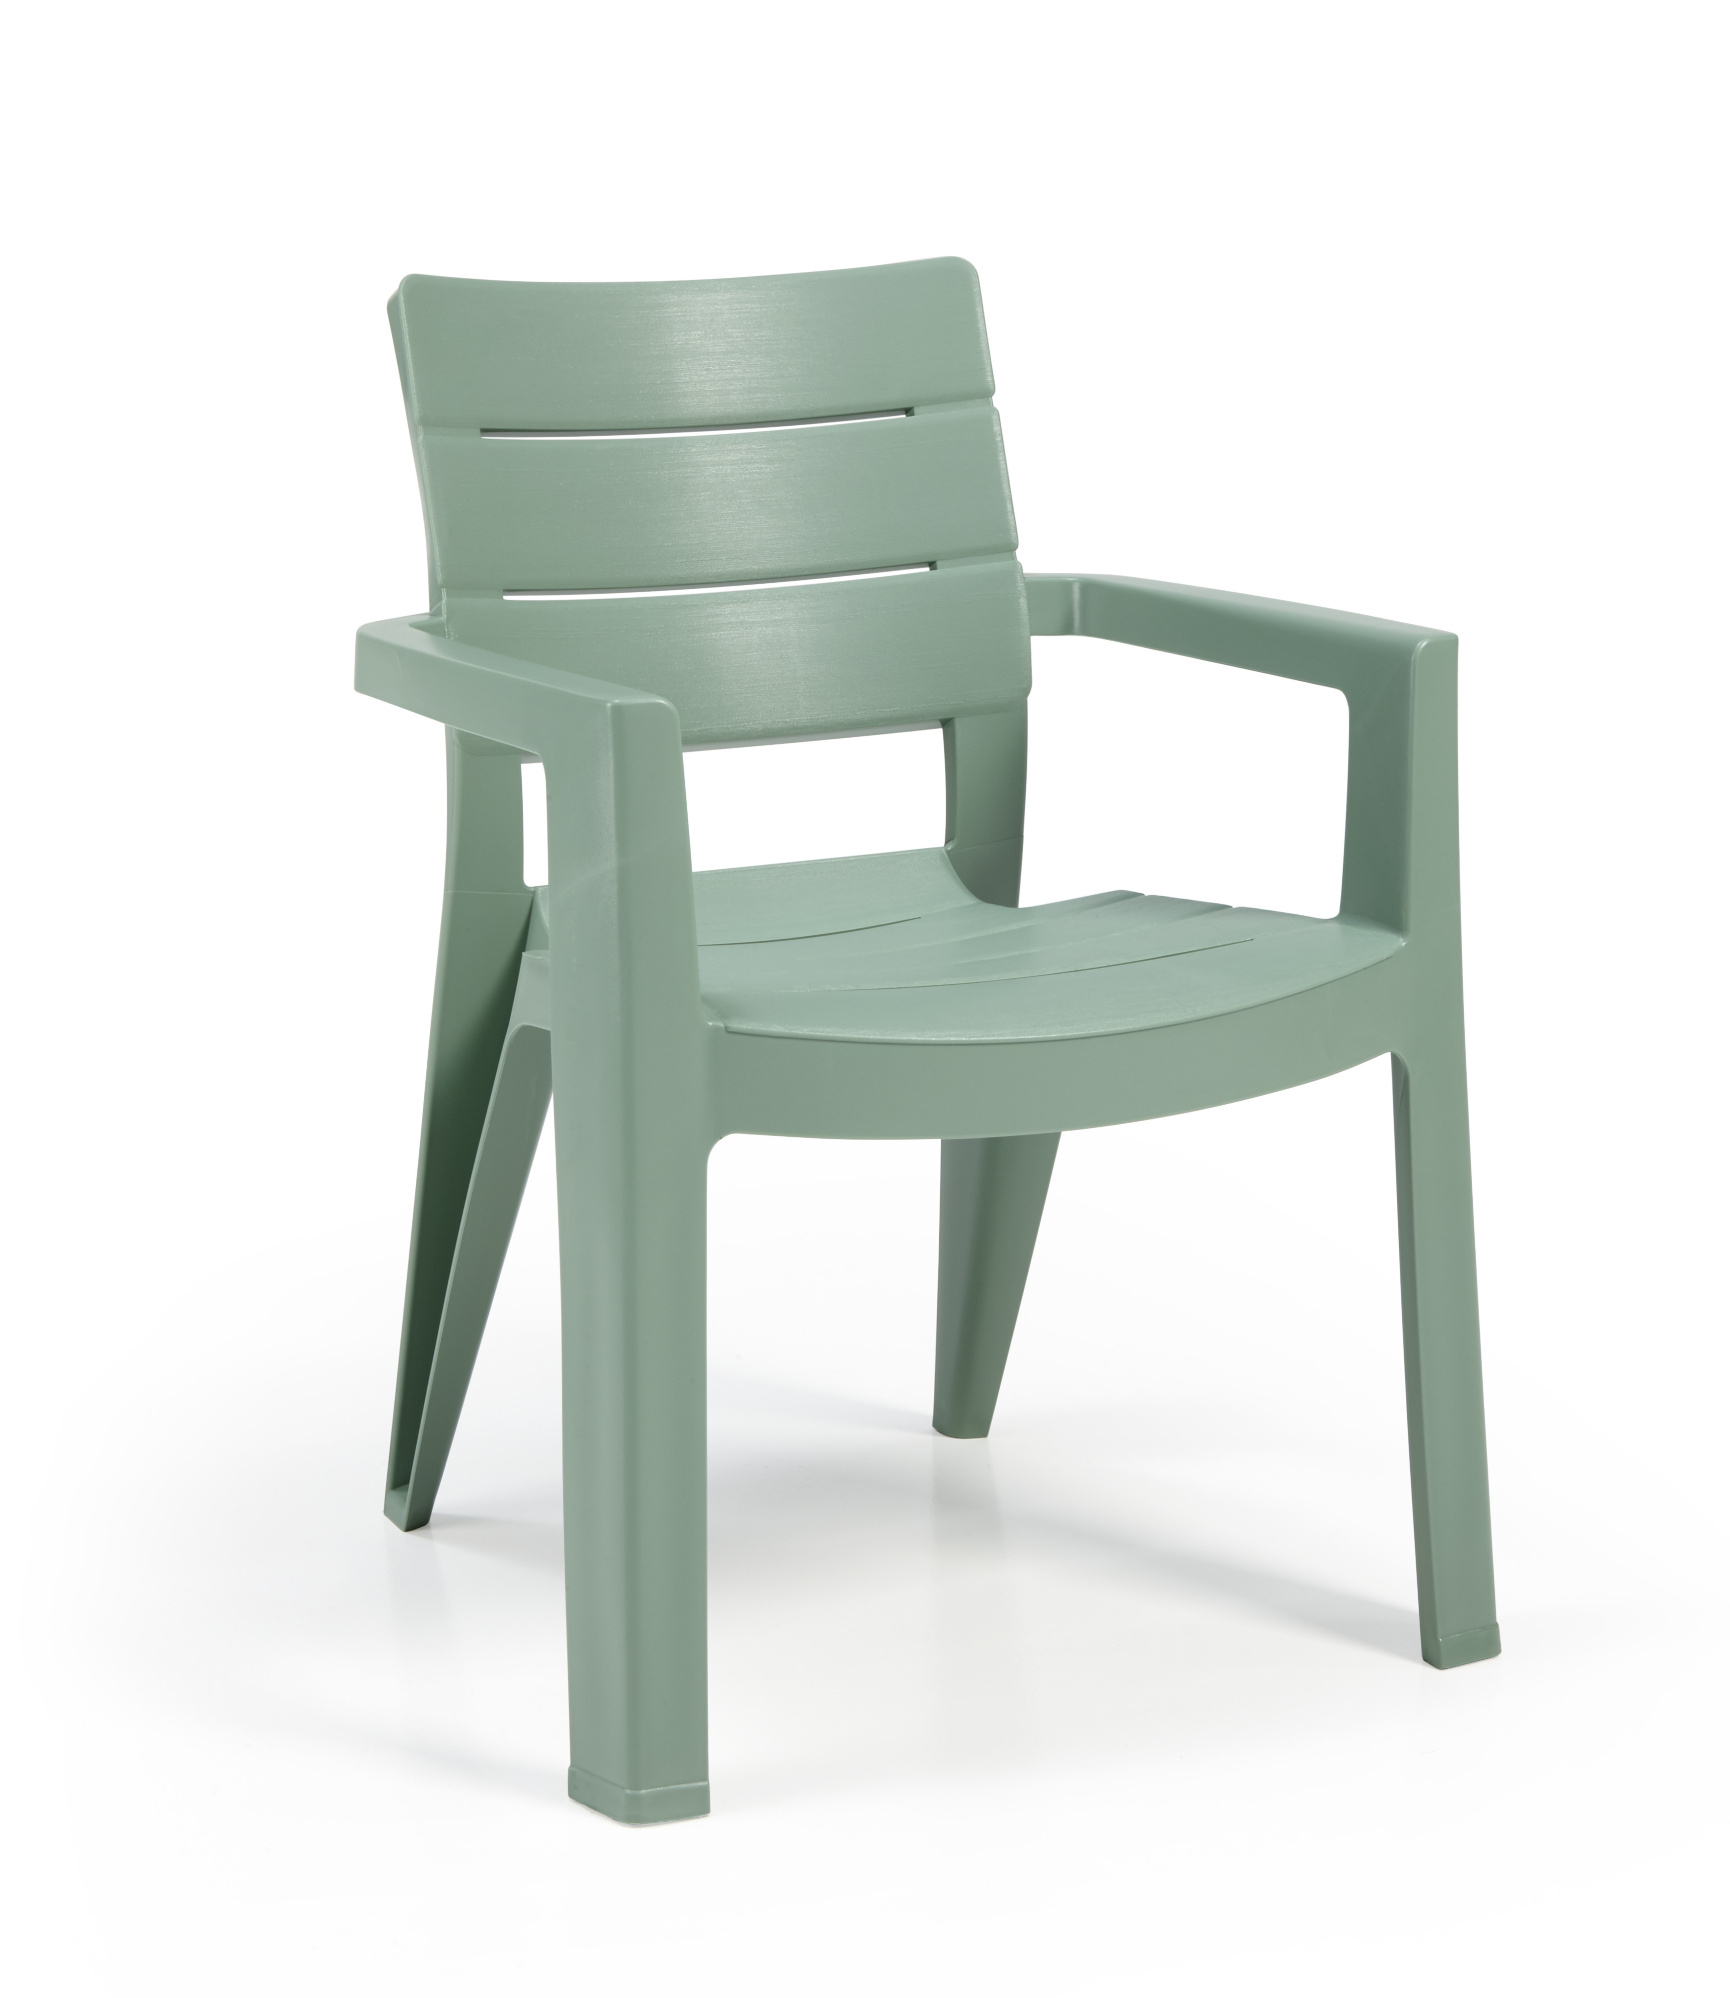 Chaises & Fauteuils De Jardin - Allibert tout Chaise De Jardin Allibert